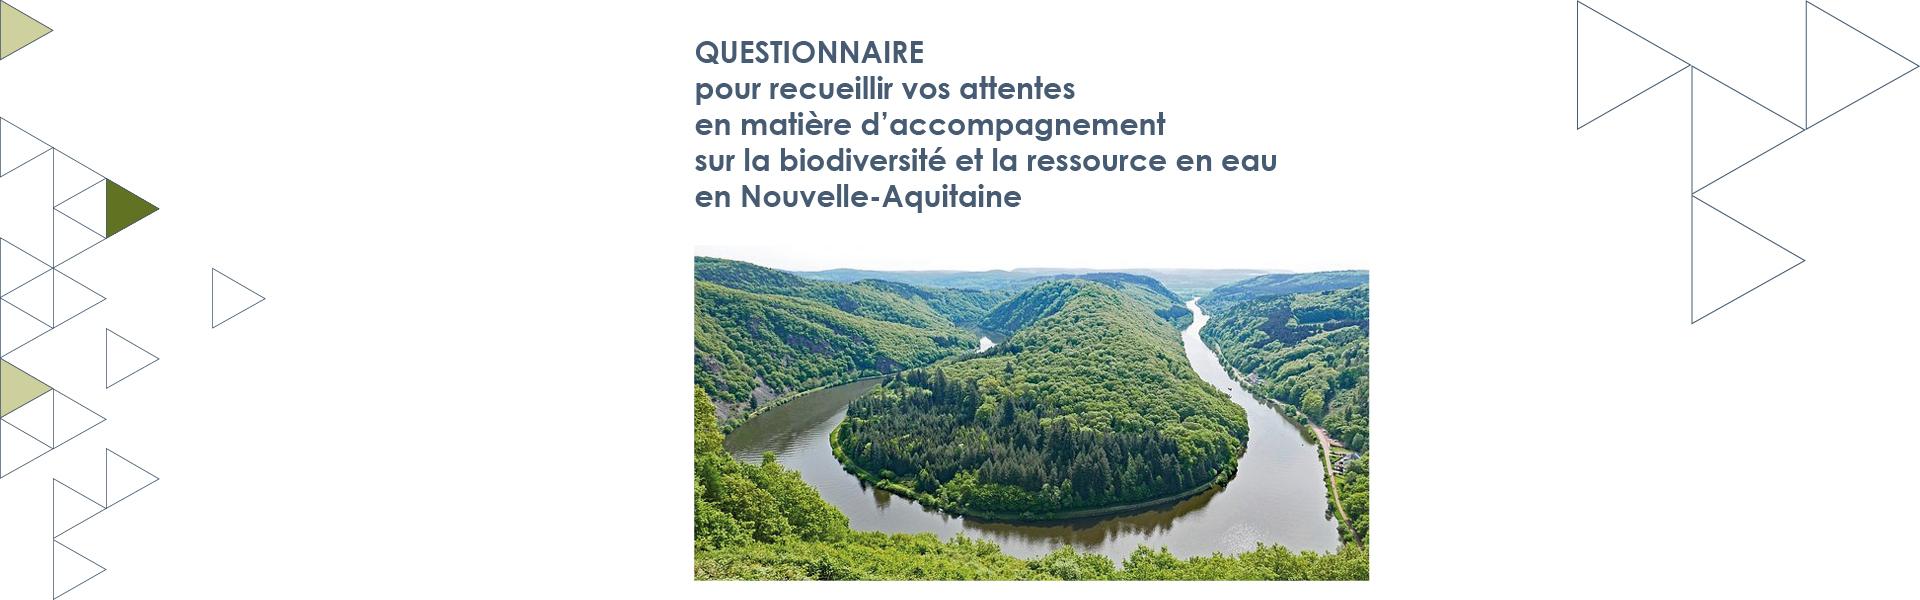 Une enquête au service de l'Agence Régionale de la Biodiversité en Nouvelle-Aquitaine